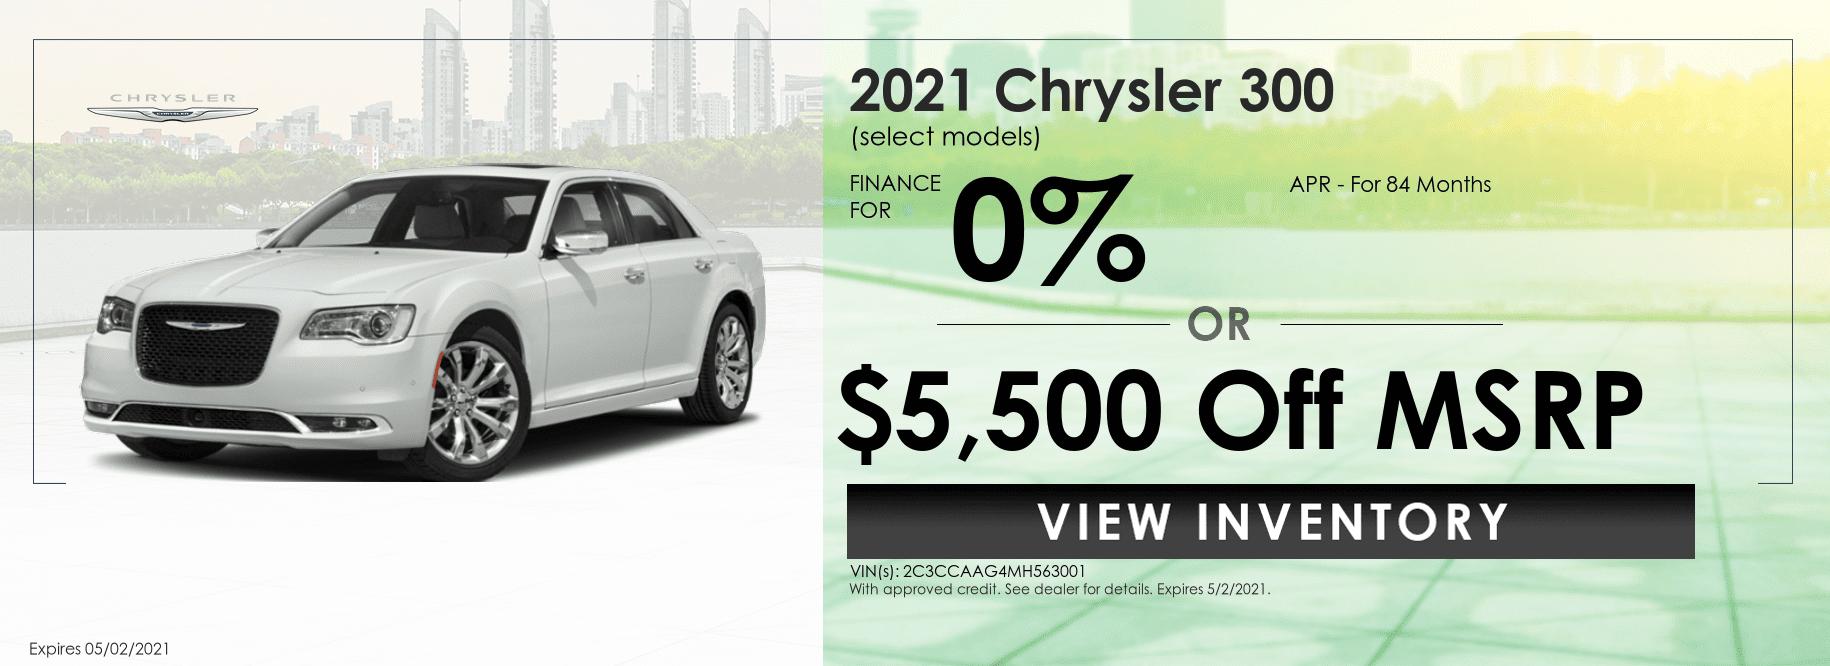 2021-Chrysler-300-(select-models)-89